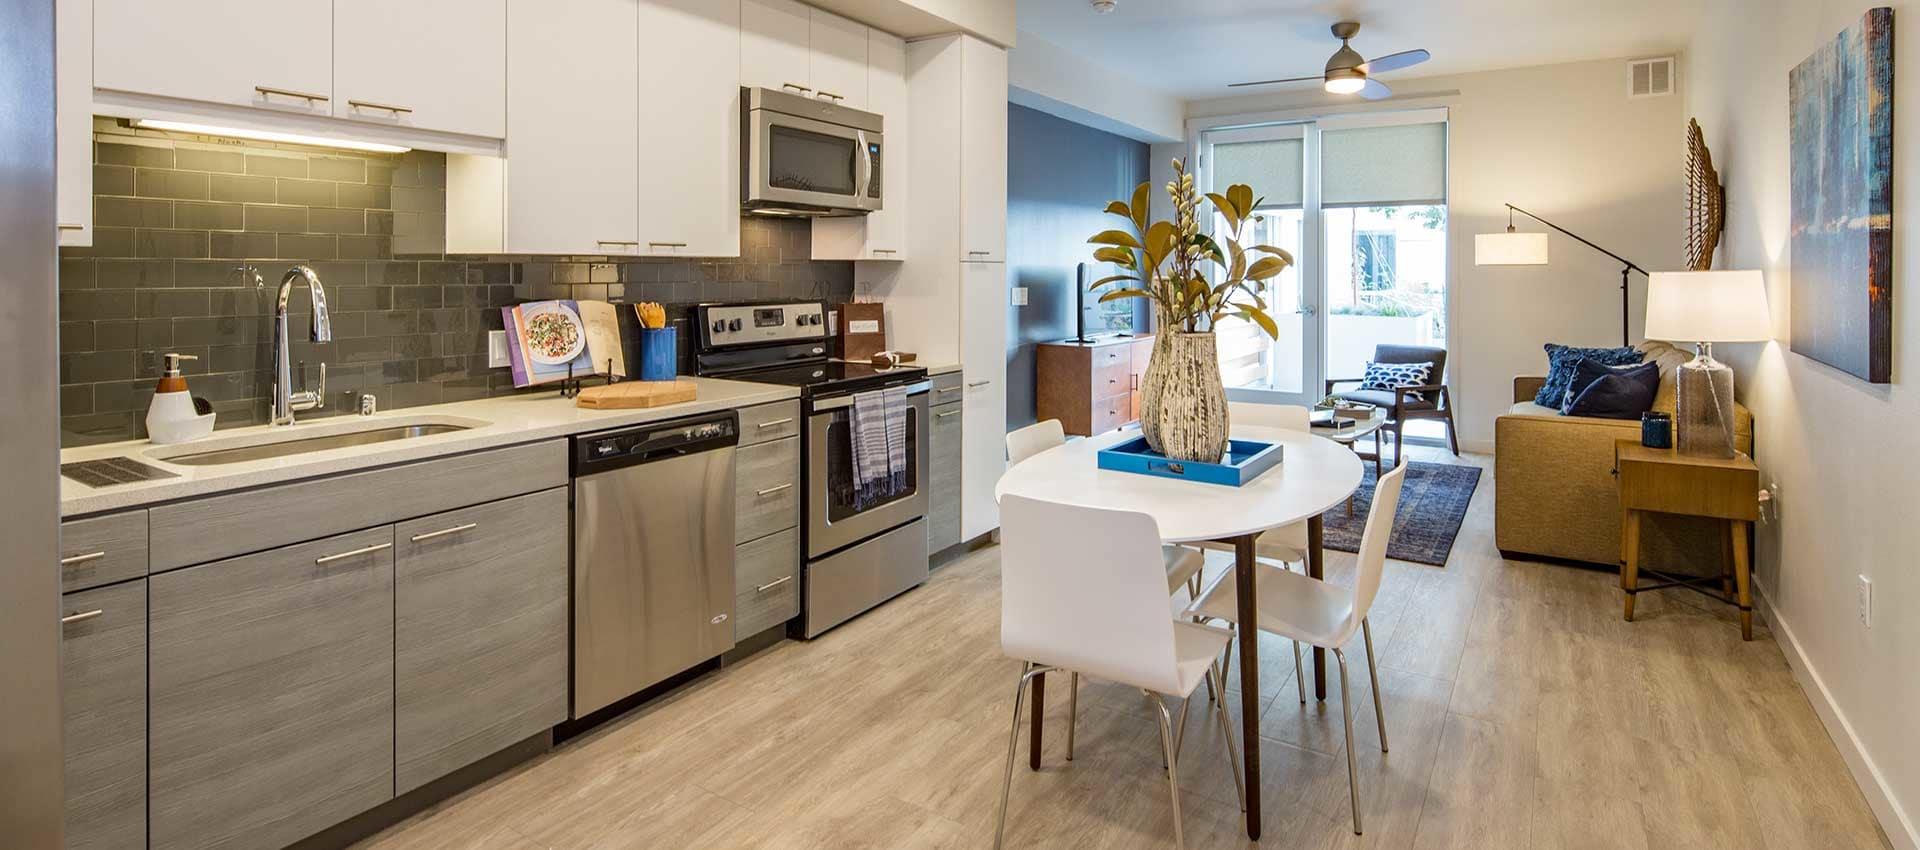 EVIVA Midtown offers open floor plans